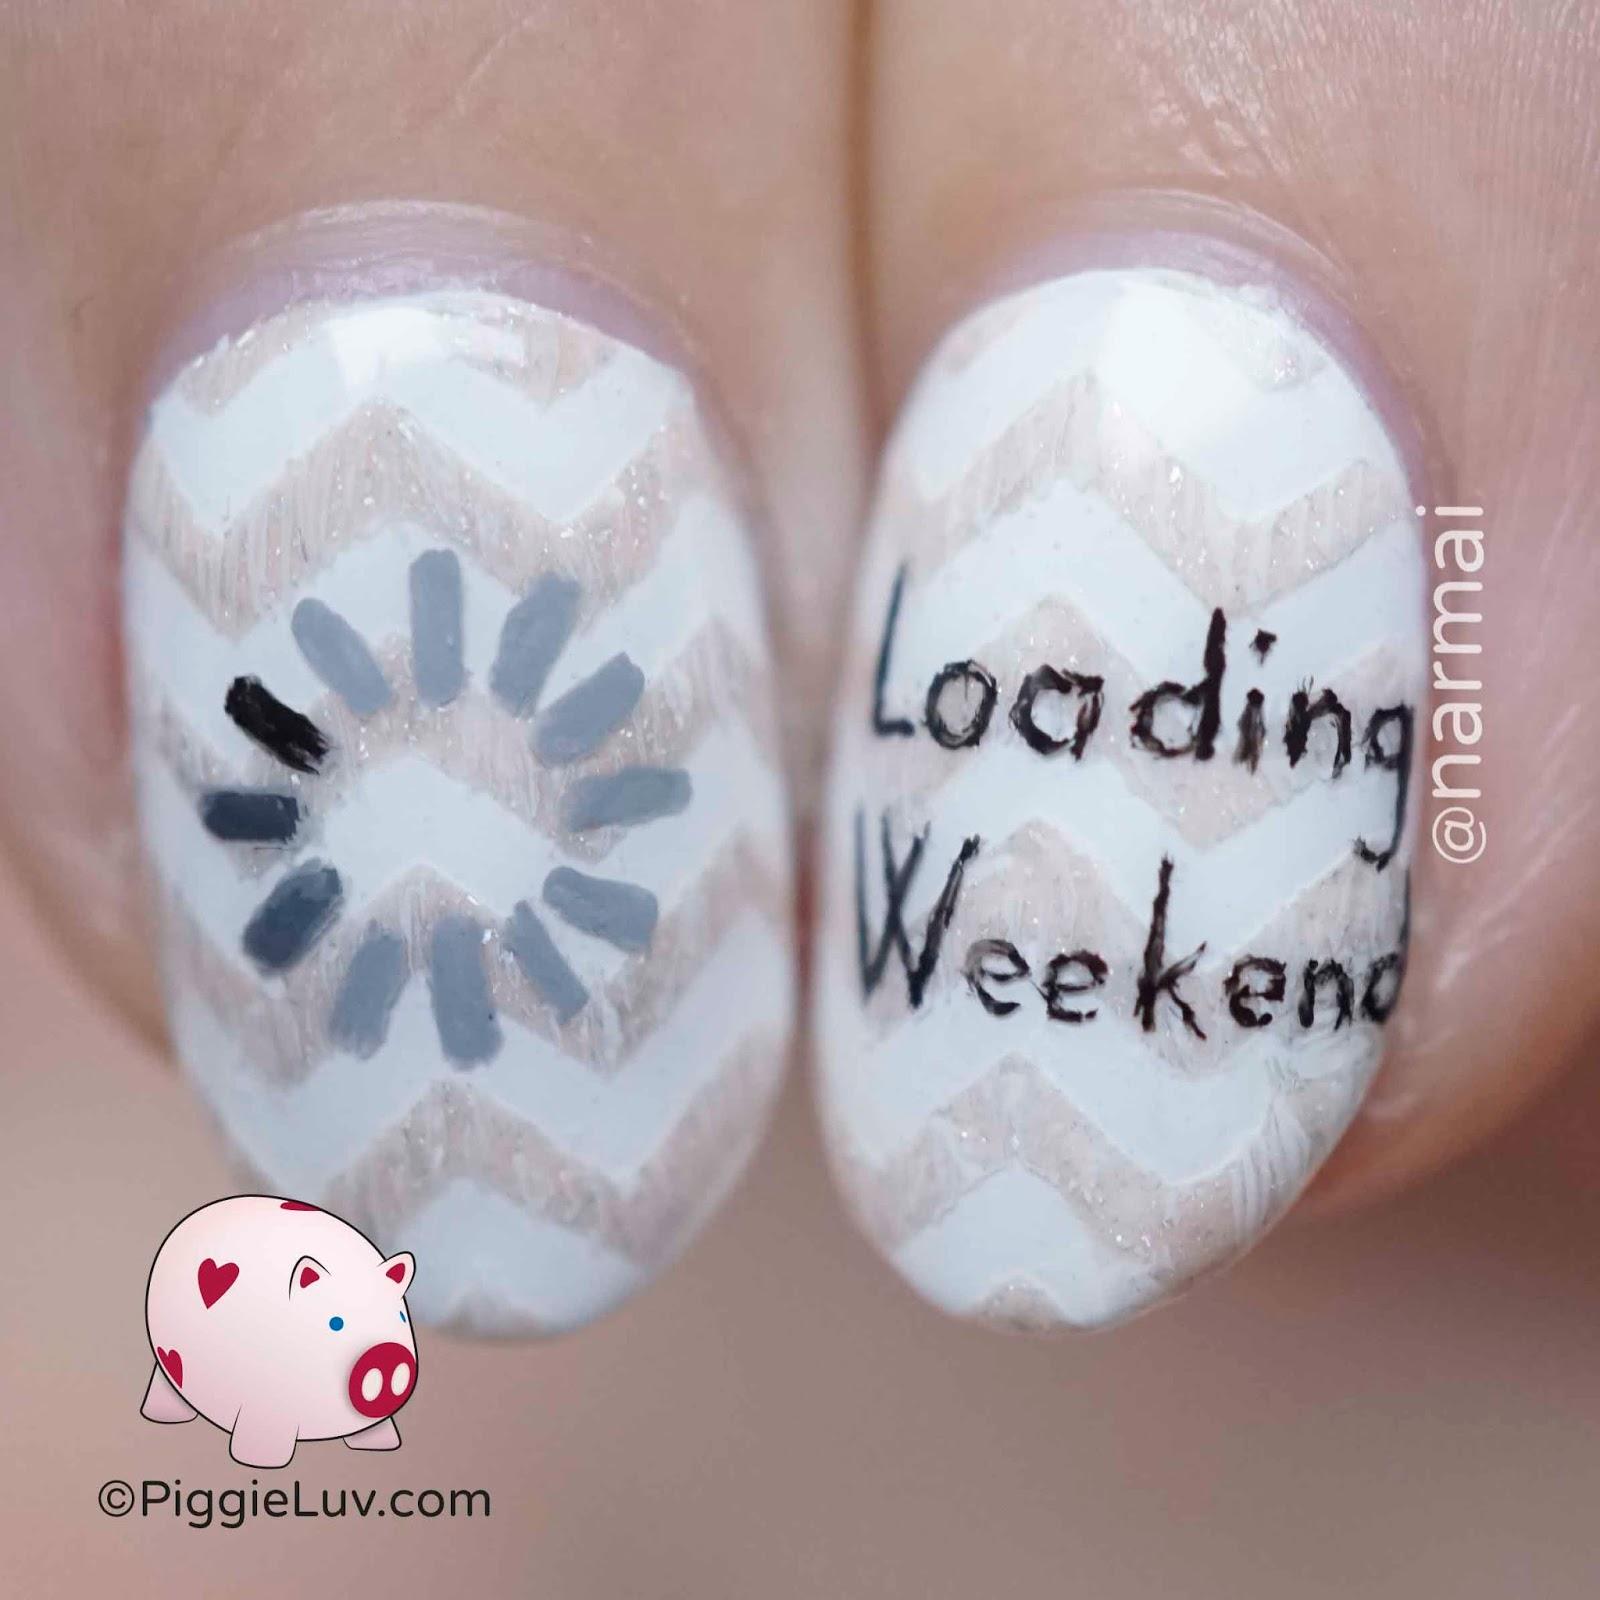 PiggieLuv: Friday nail art